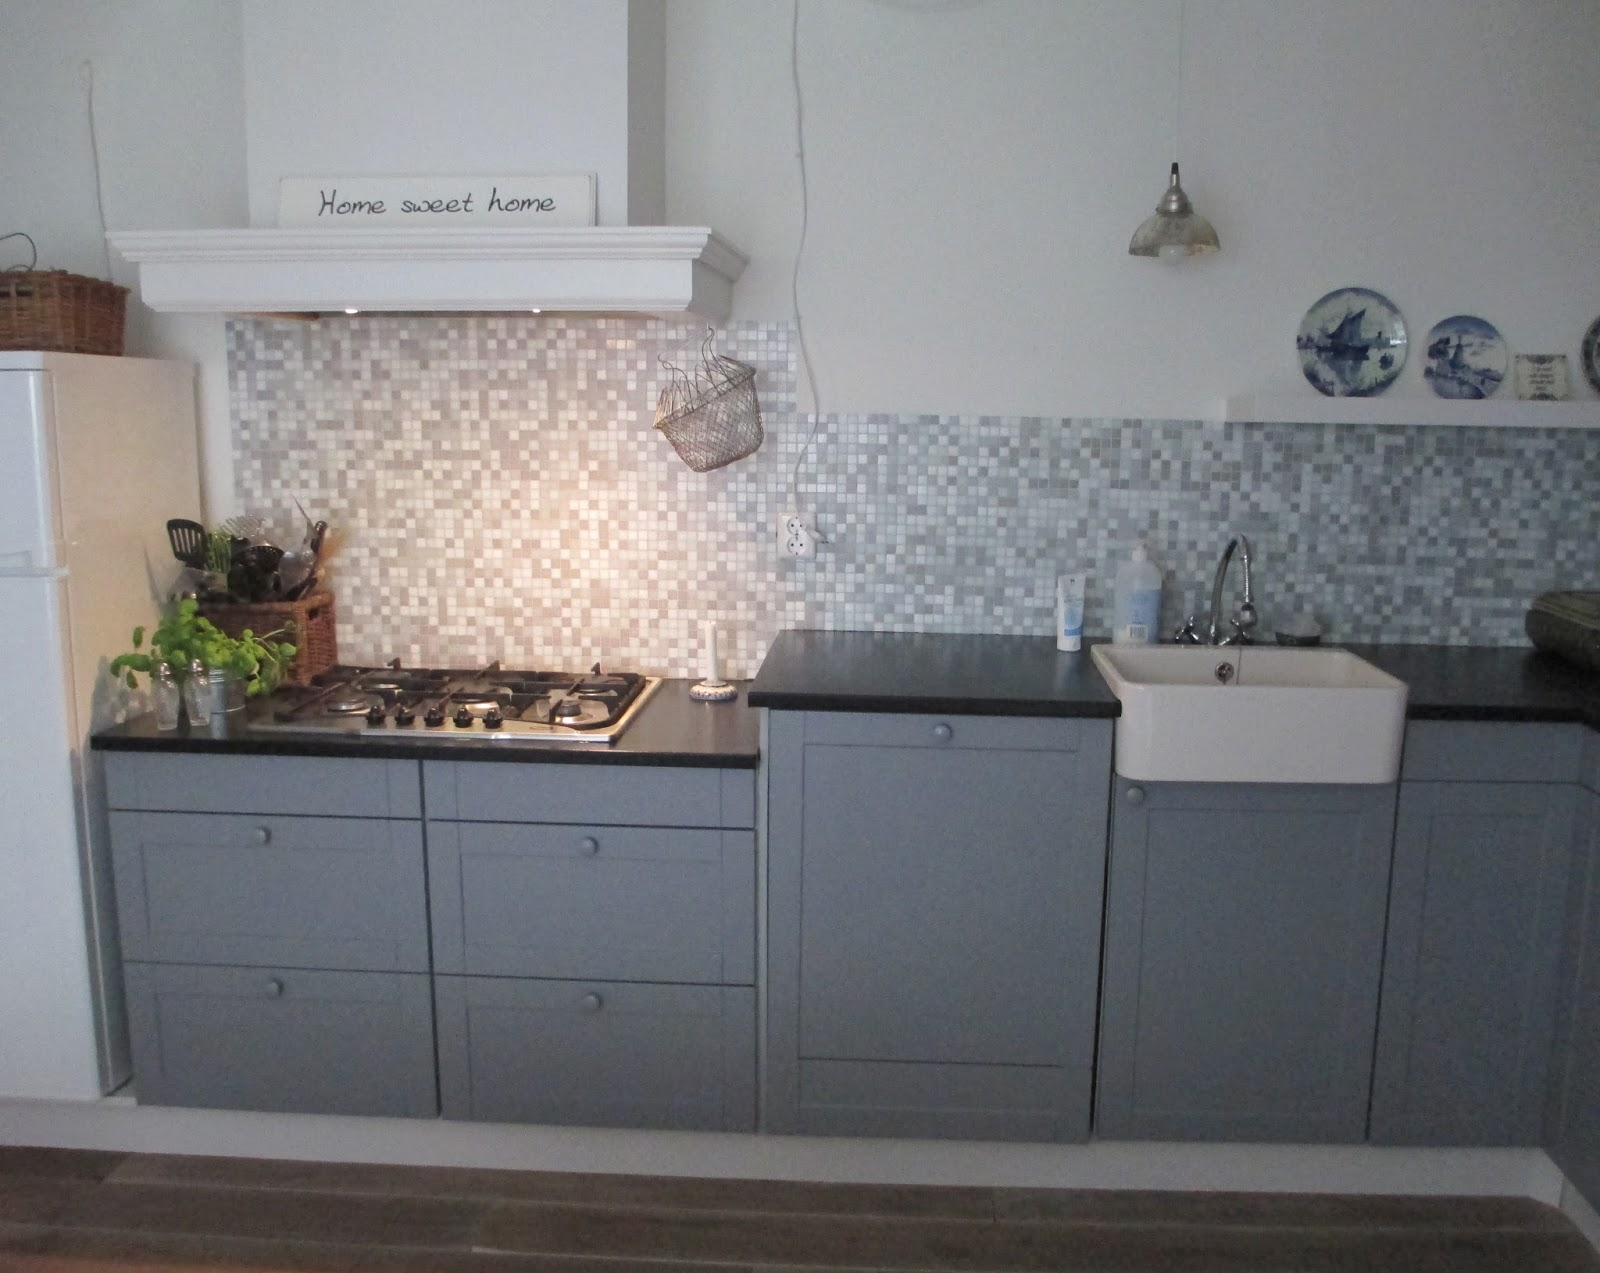 Hoekkast Keuken Maten : Witte Keuken Met Houten Blad : Mooie keuken met witte houten vloer